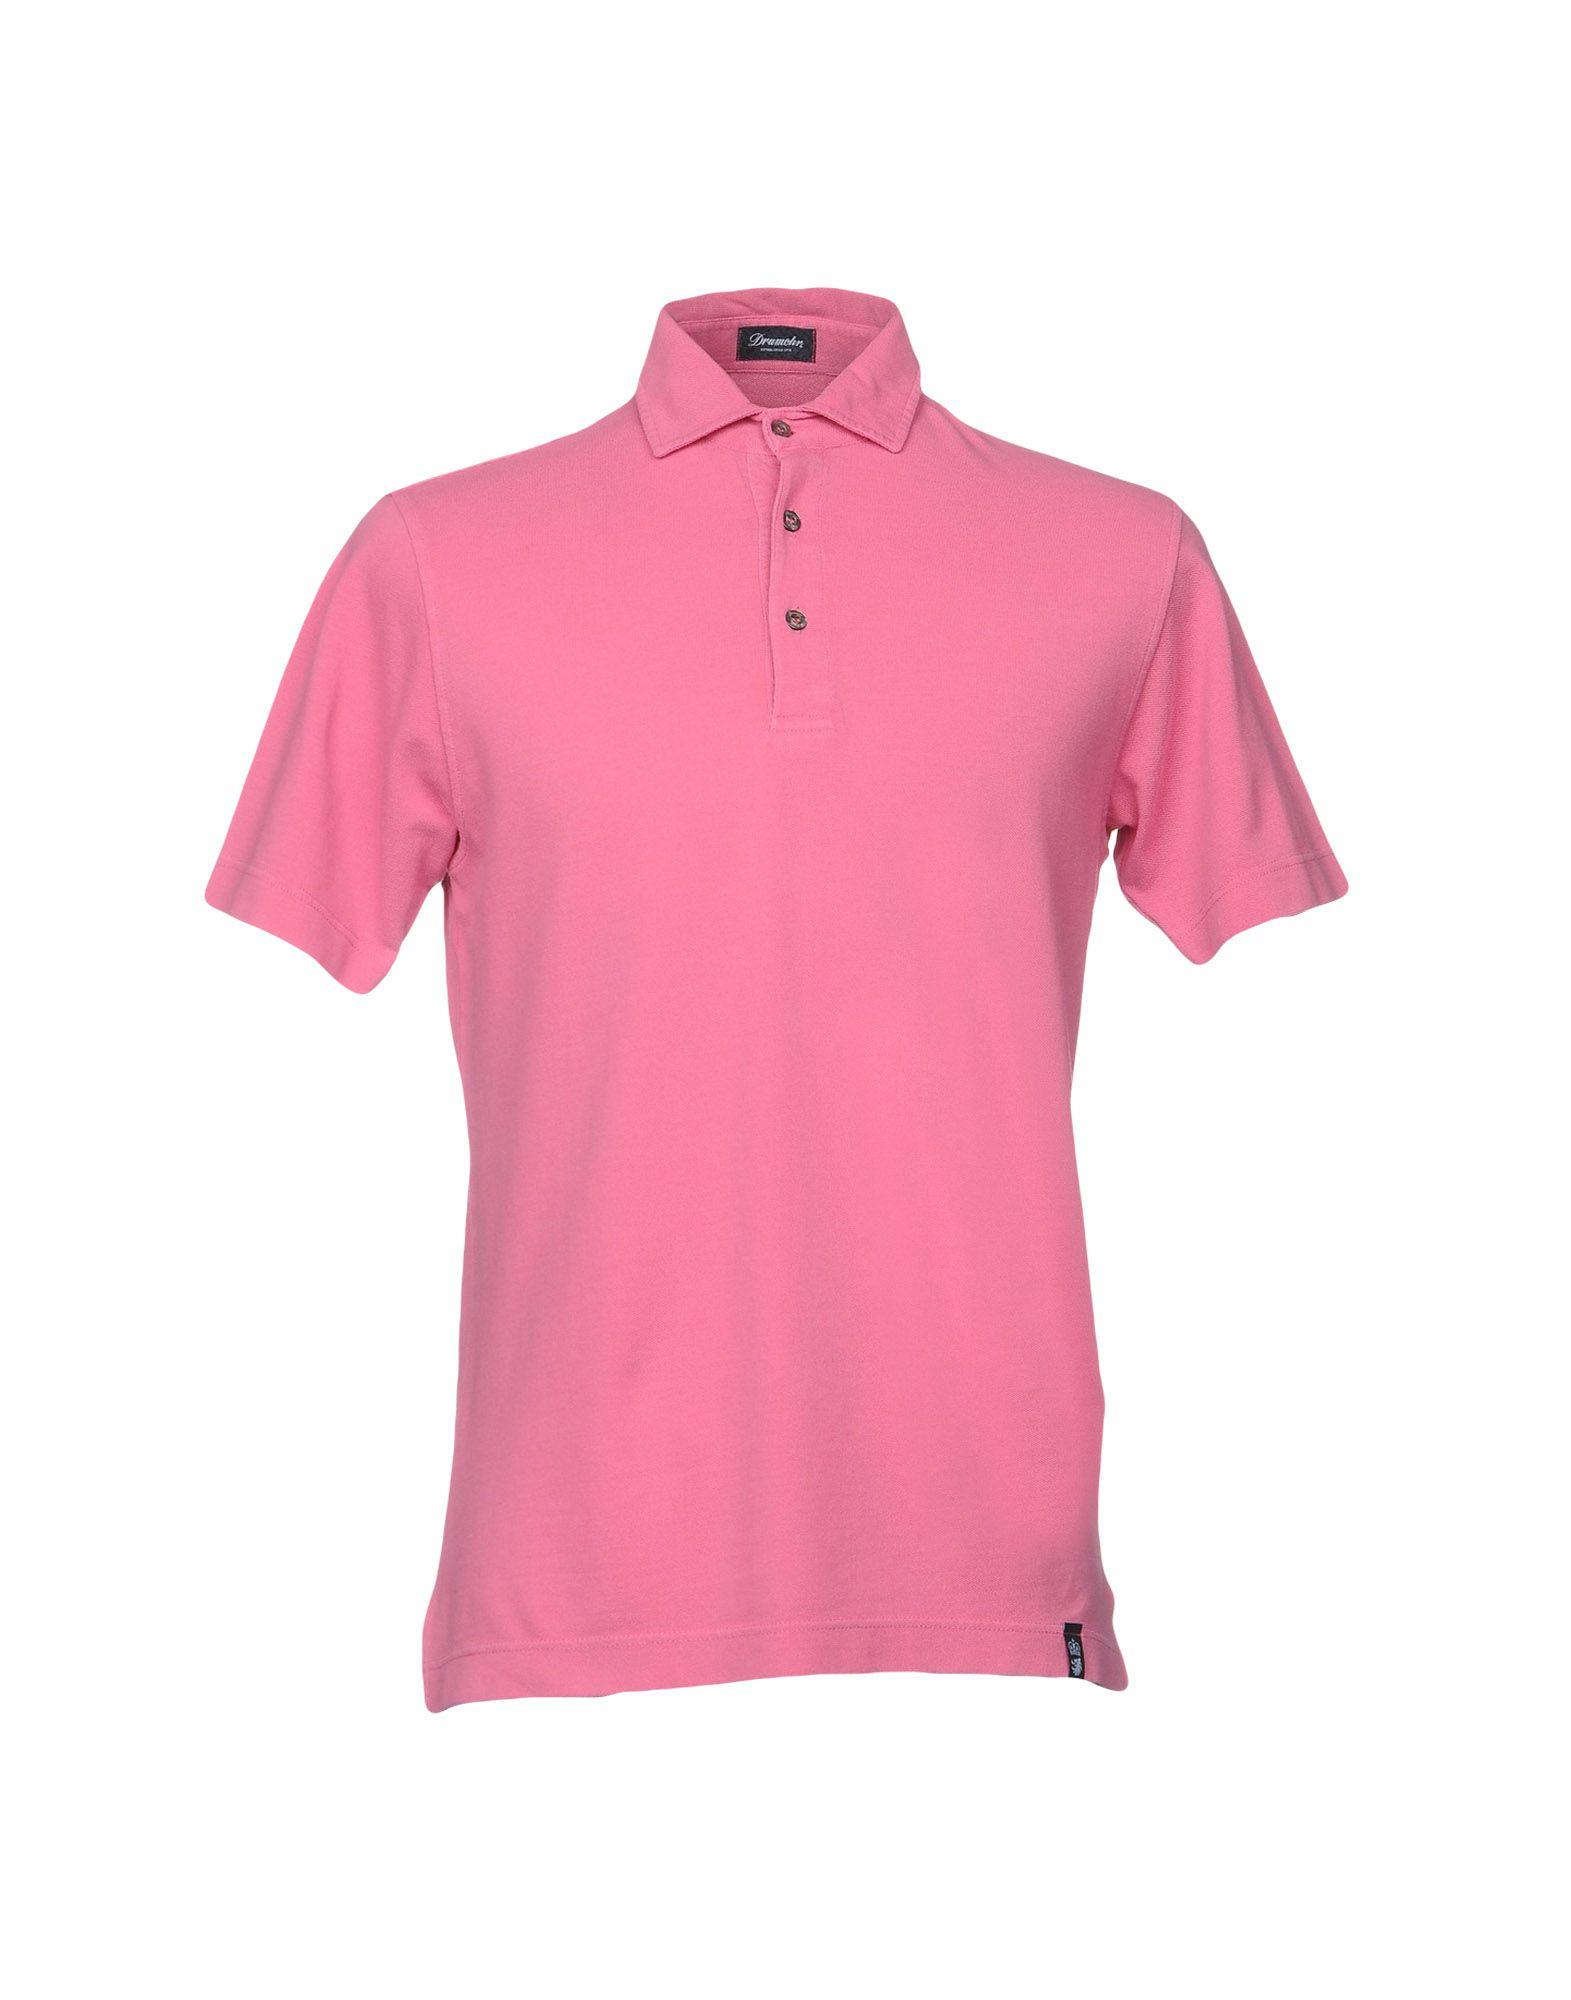 《送料無料》DRUMOHR メンズ ポロシャツ パステルピンク S コットン 100%